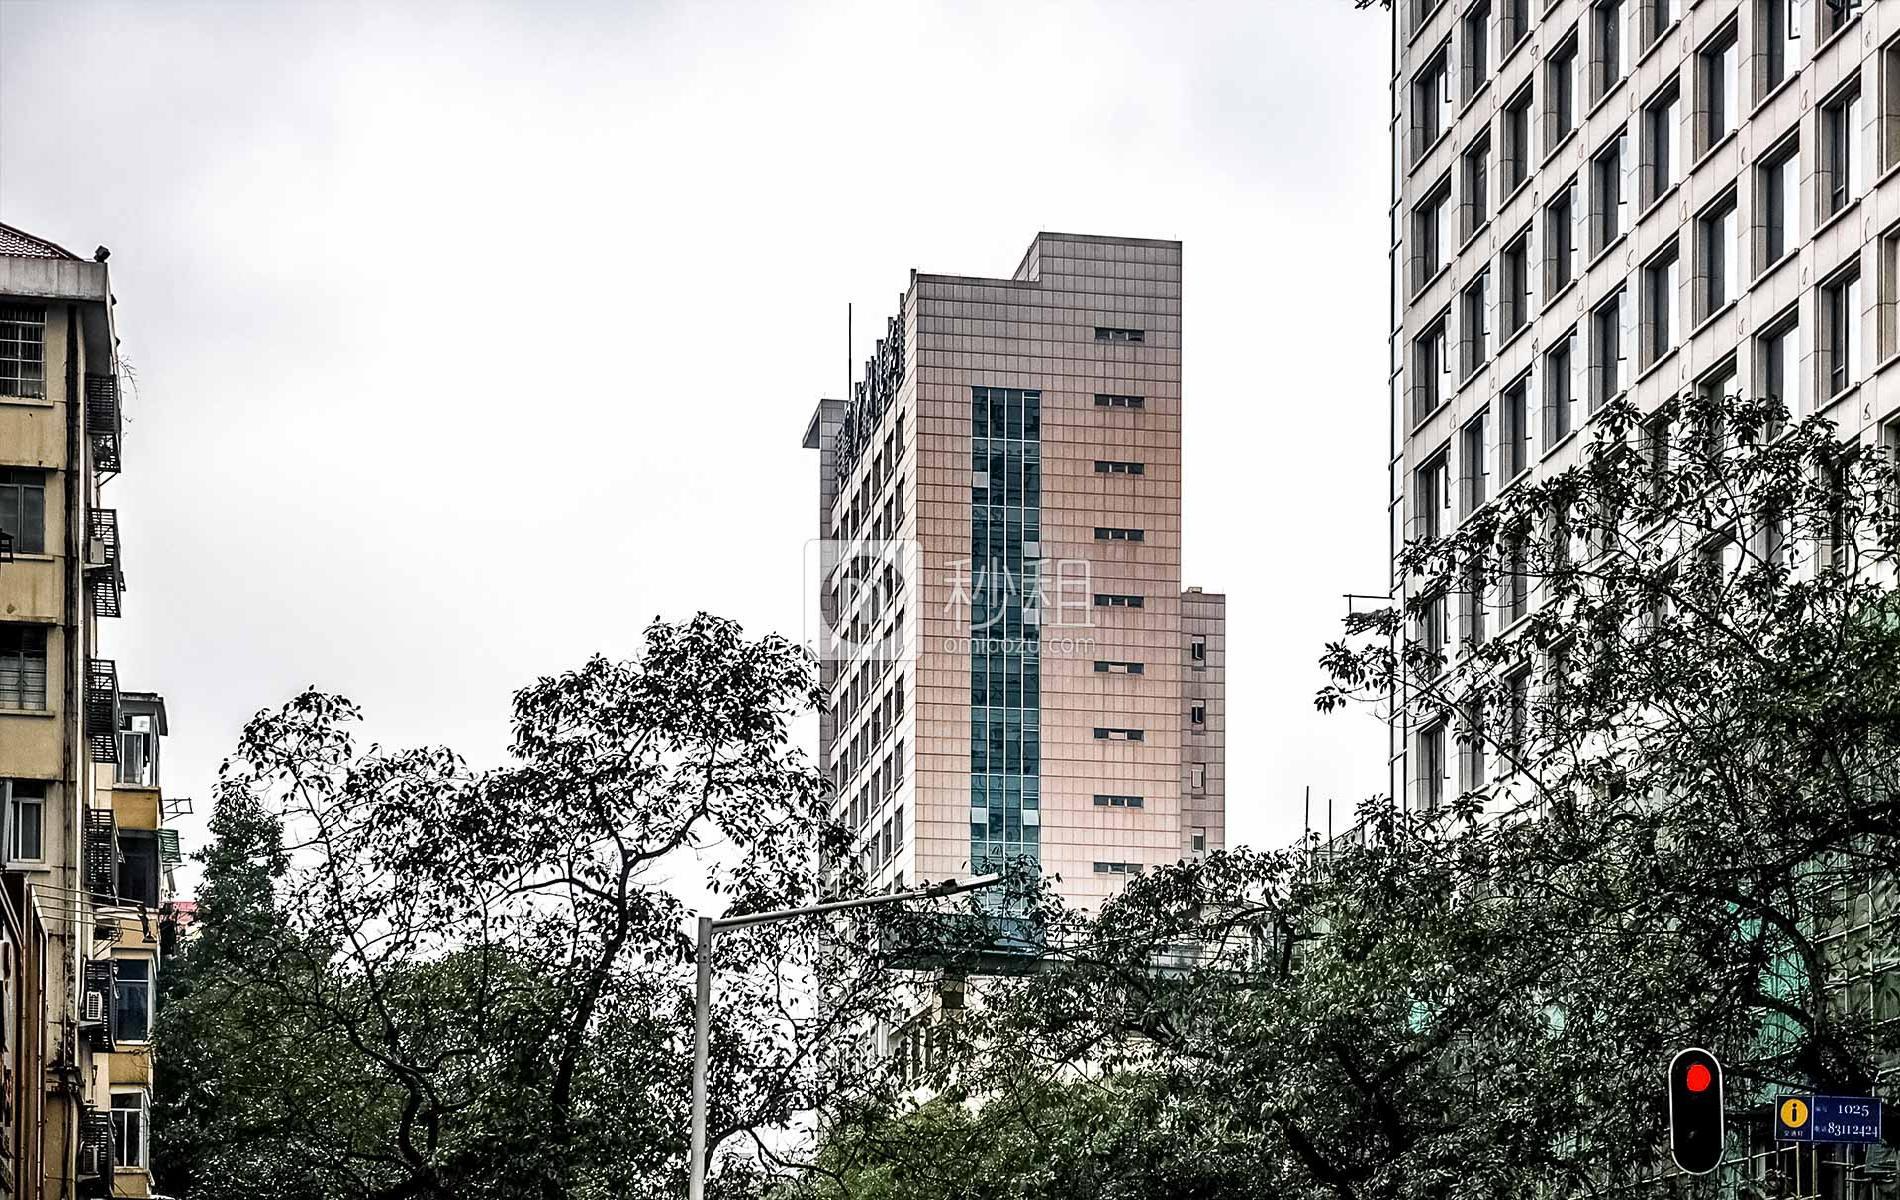 广州一建大厦写字楼出租/招租/租赁,广州一建大厦办公室出租/招租/租赁